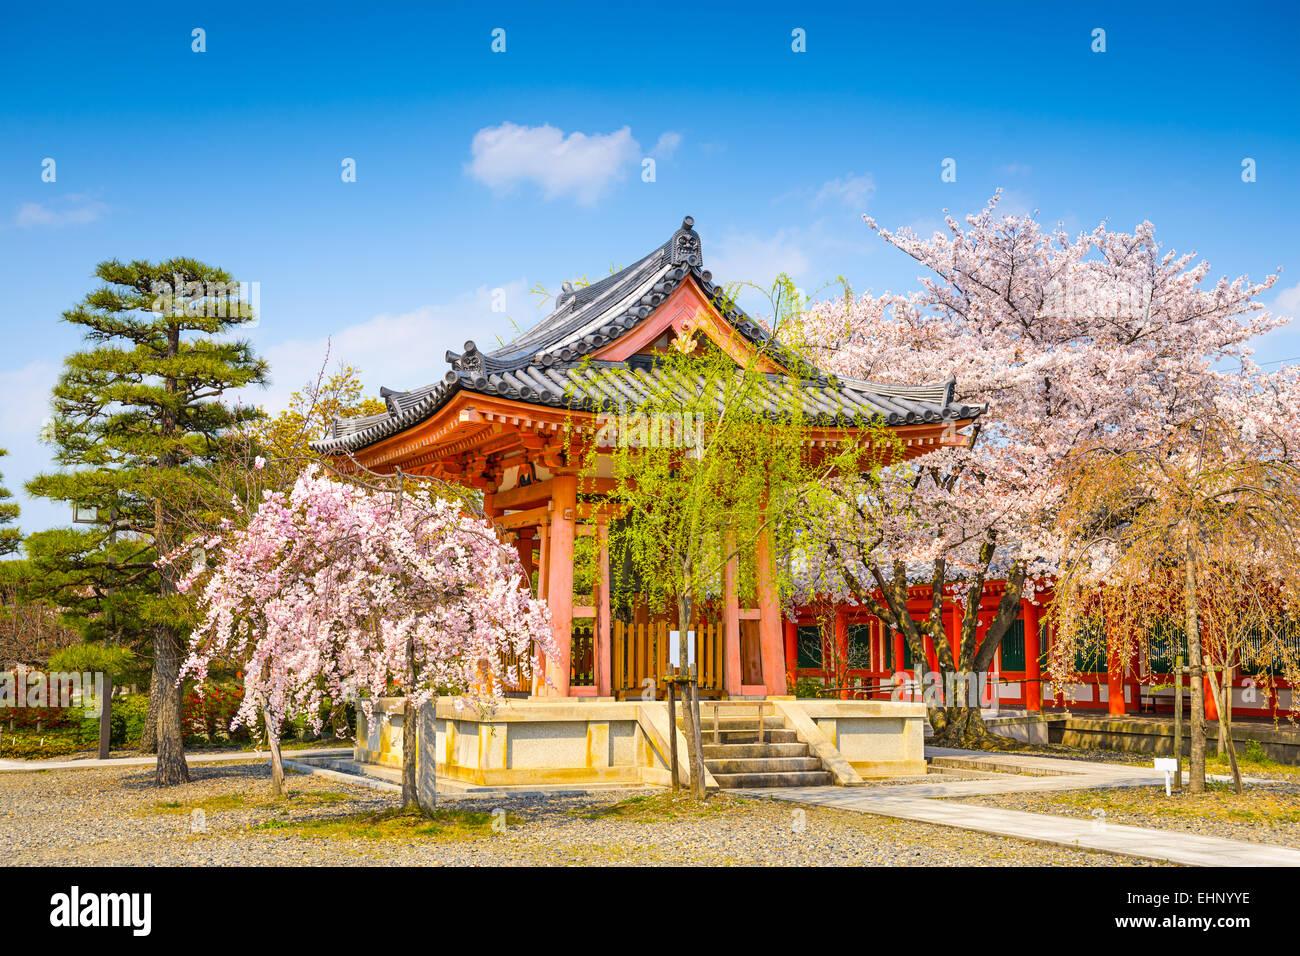 Templo budista bell house durante la temporada de primavera en el Santuario de Sanjusangendo, Kyoto, Japón. Foto de stock